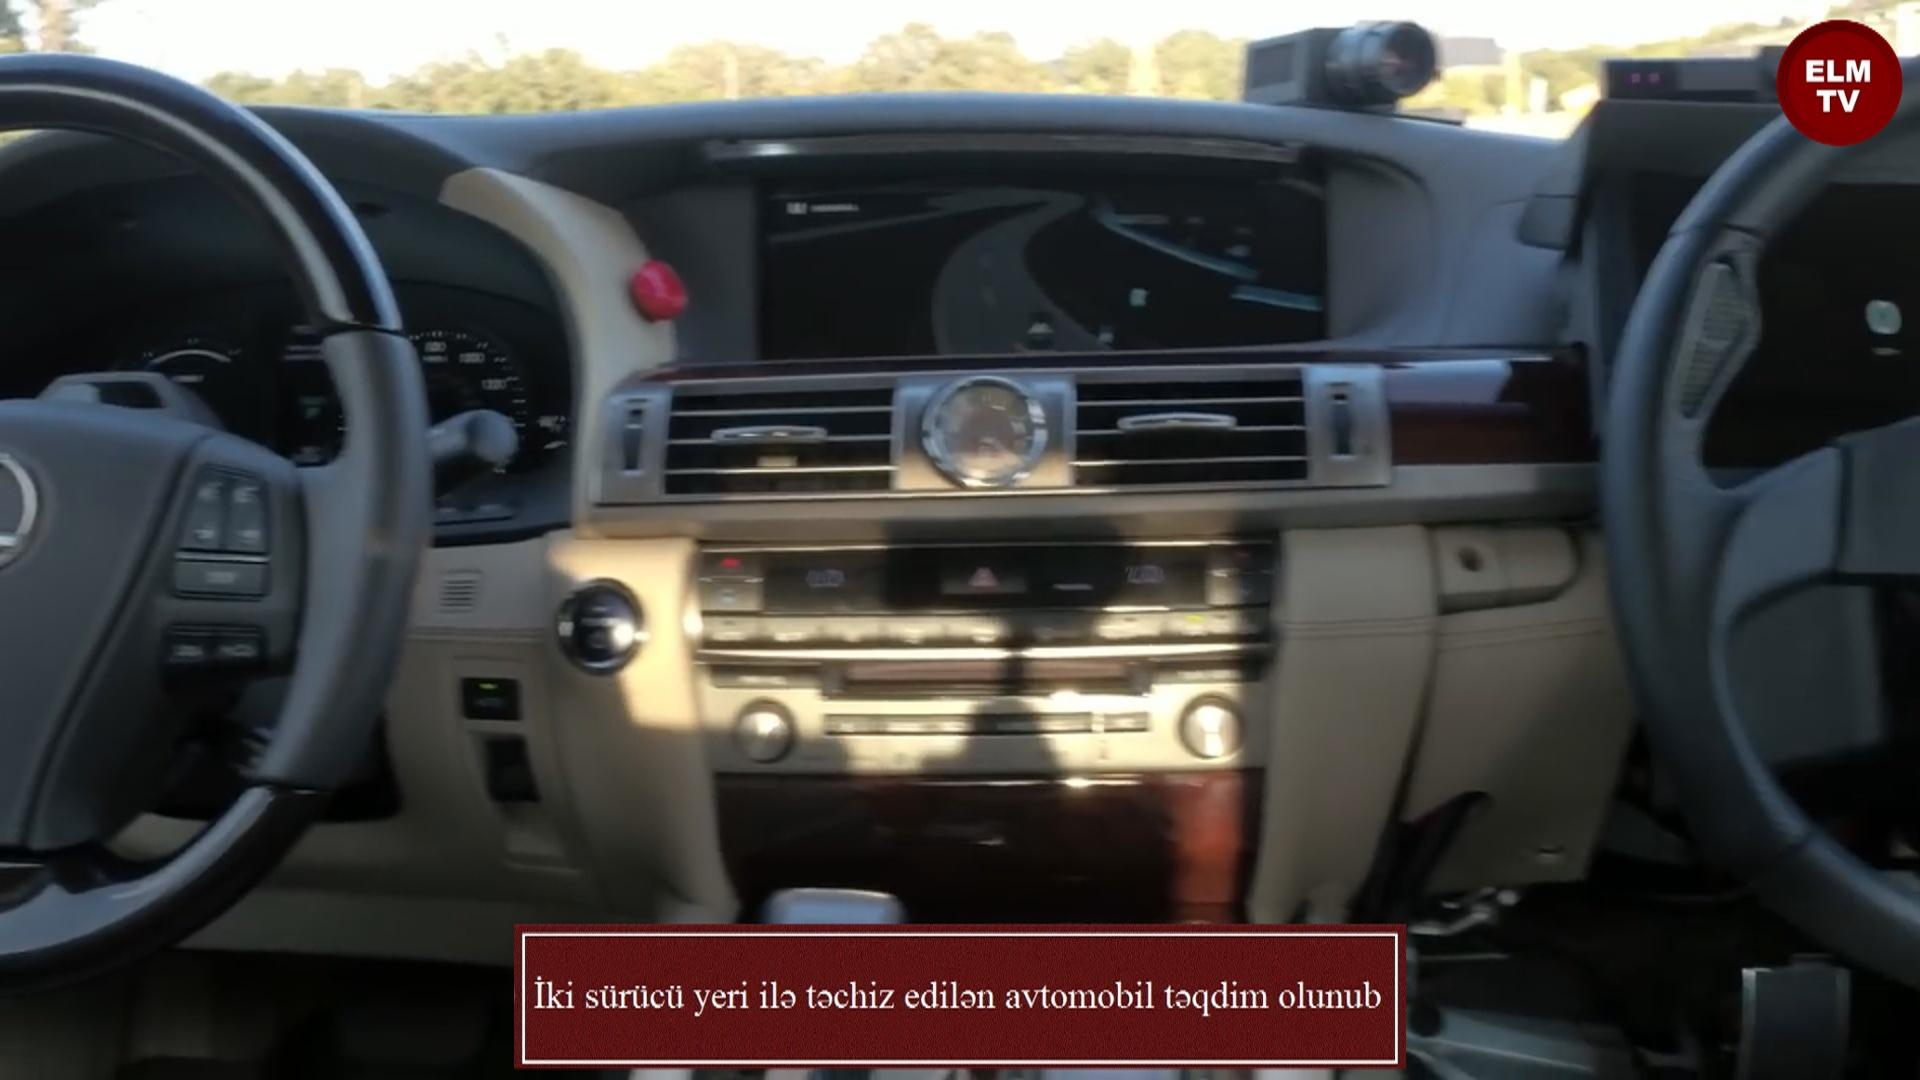 İki sürücü yeri ilə təchiz edilən avtomobil təqdim olunub